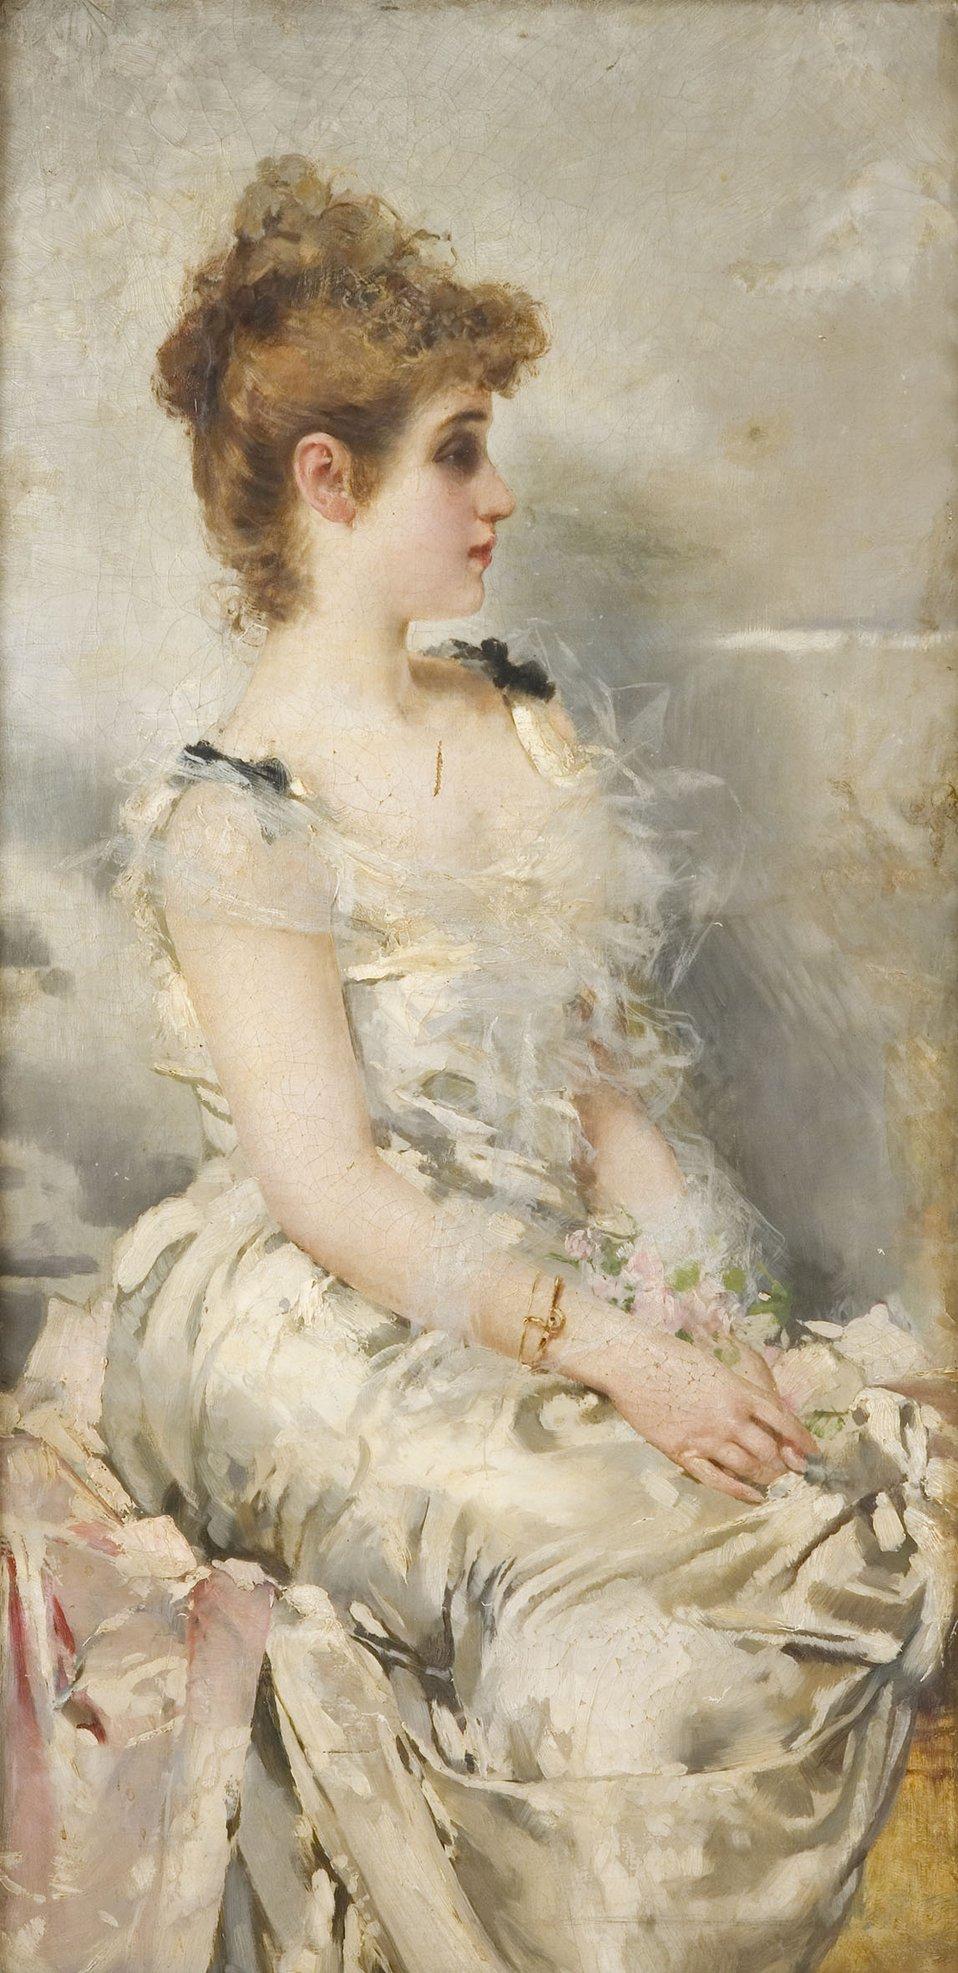 Français:  Portrait de jeune femme, h/t, cm. 200 x 60, Coll. privée